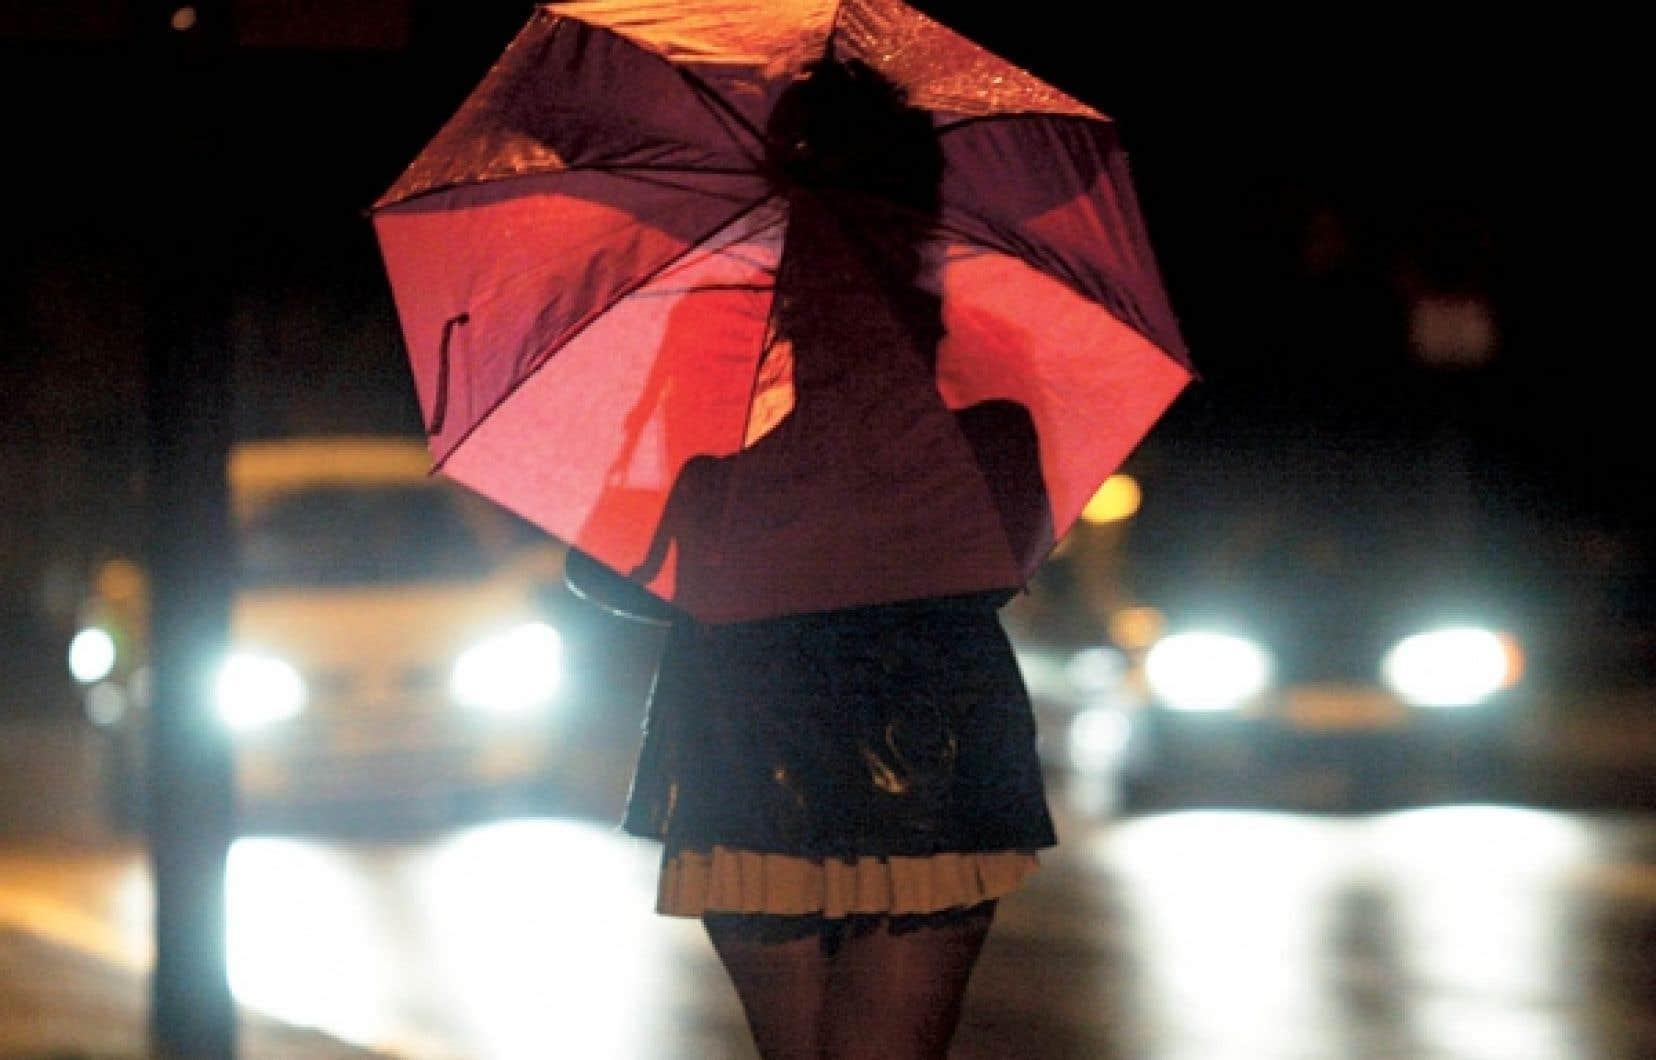 Une femme prostituée attend un client. 92% des personnes prostituées au Canada affirment qu'elles sortiraient du système prostitutionnel si elles en avaient la possibilité. Pourquoi alors ne pas criminaliser ceux qui profitent de cet état de faits, clients-prostitueurs et proxénètes, décriminaliser les personnes prostituées et mettre en place des programmes de réinsertion plutôt que des bordels? <br />